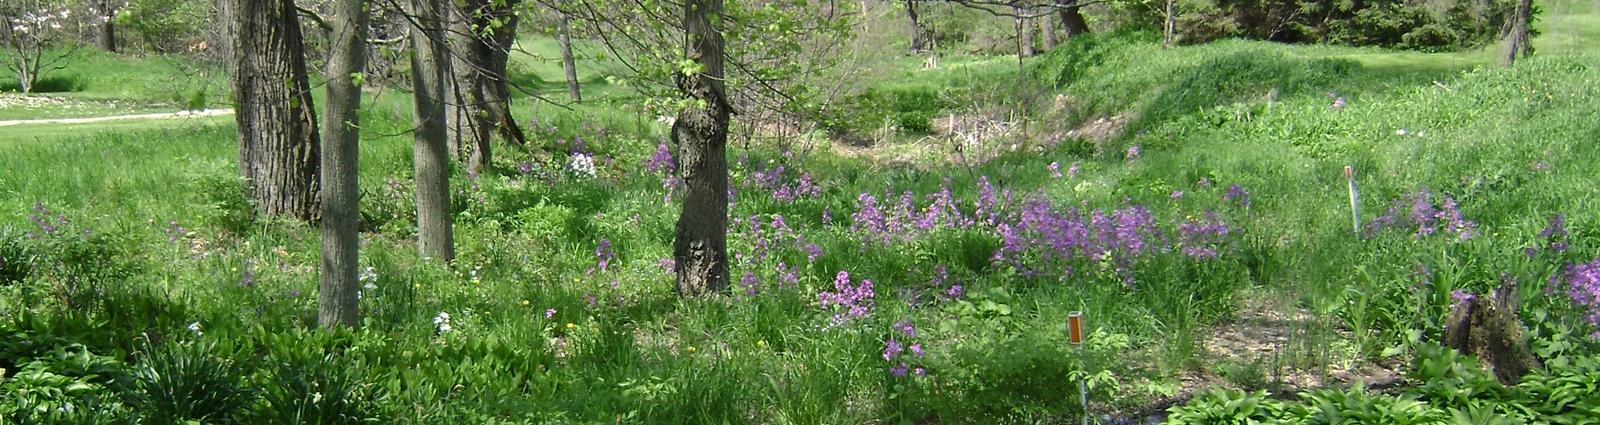 DSC01839-purpleflowers-crop